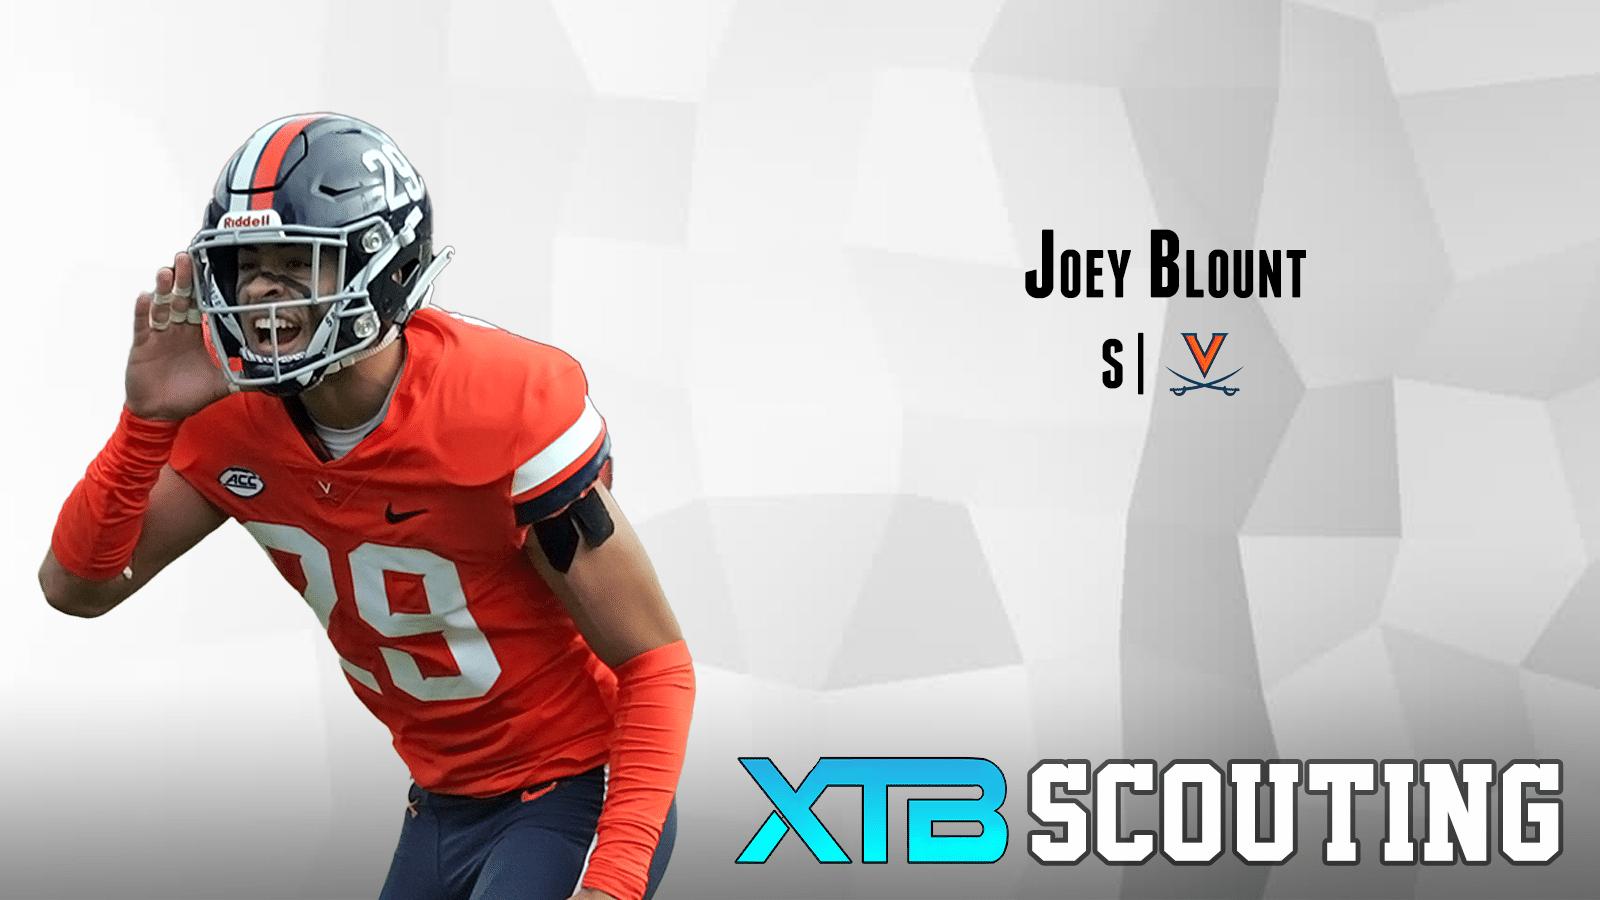 Joey Blount